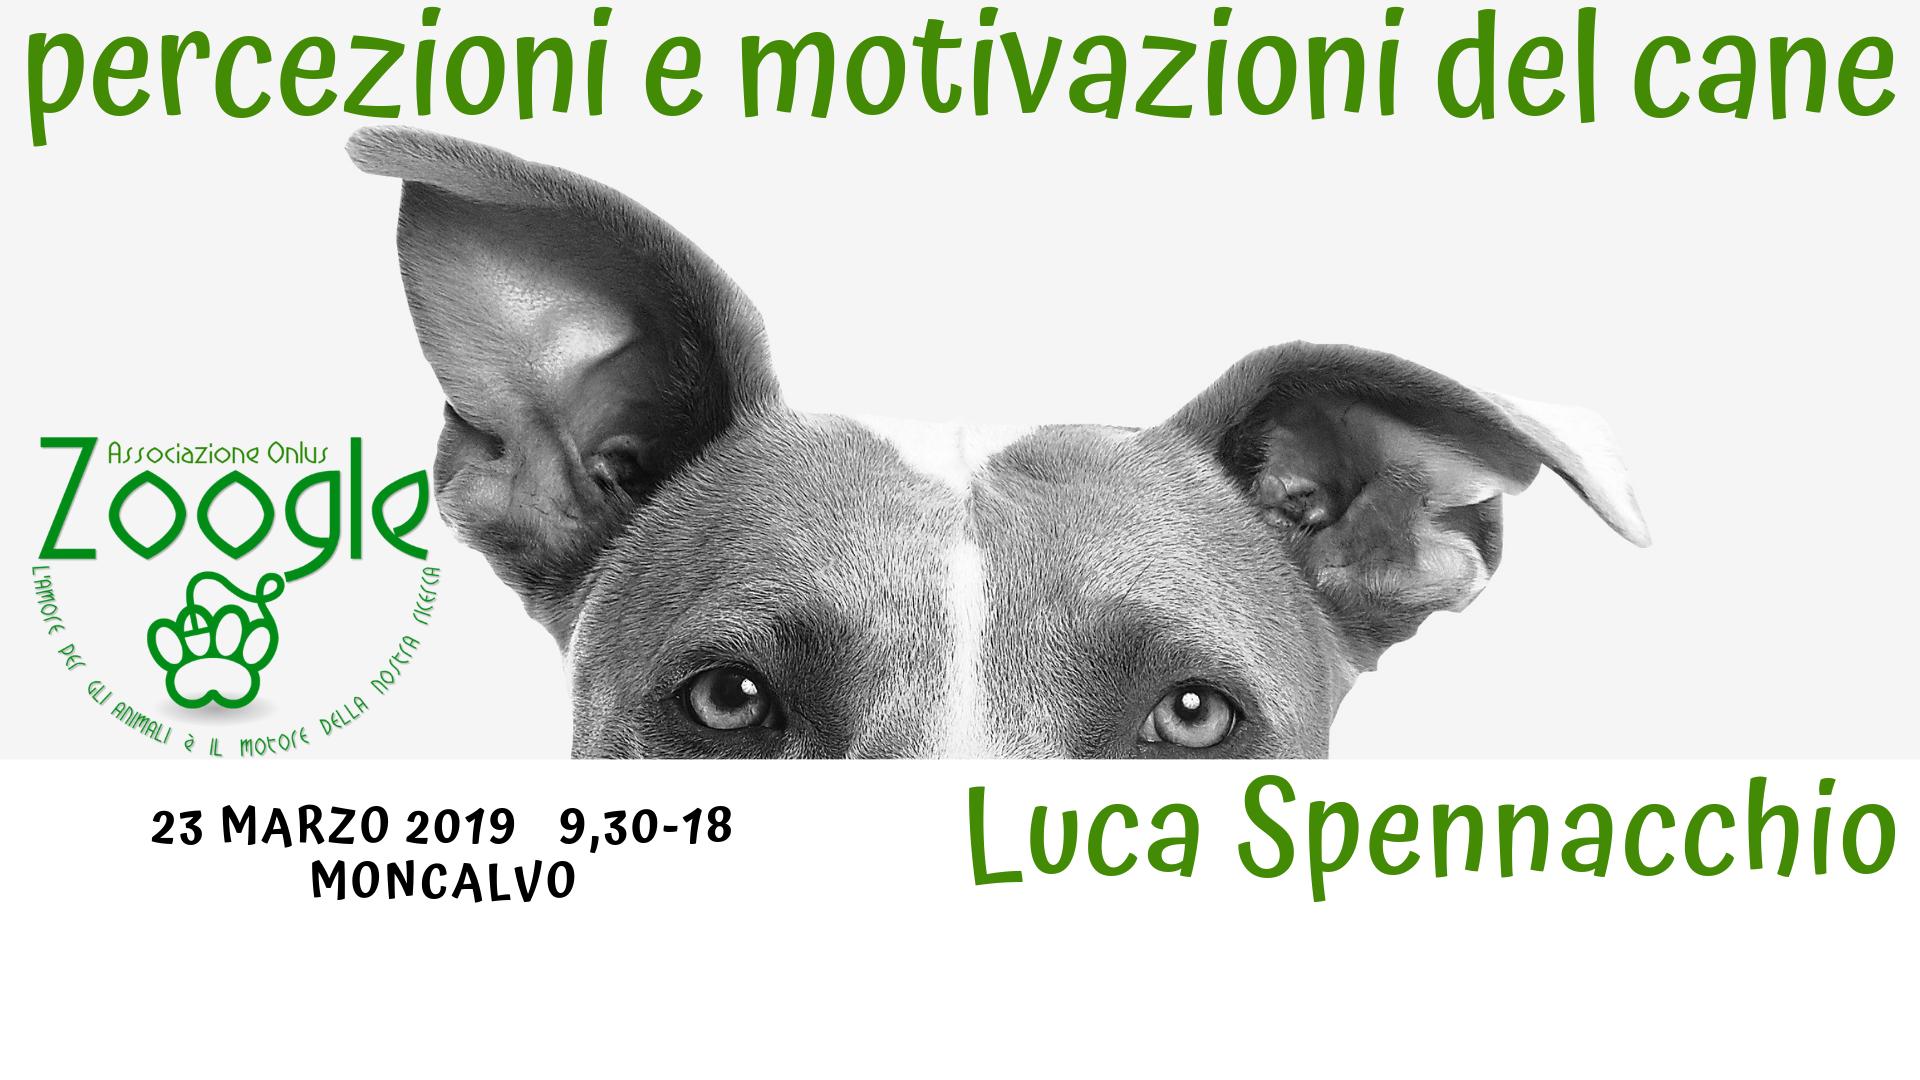 percezioni e motivazioni del cane